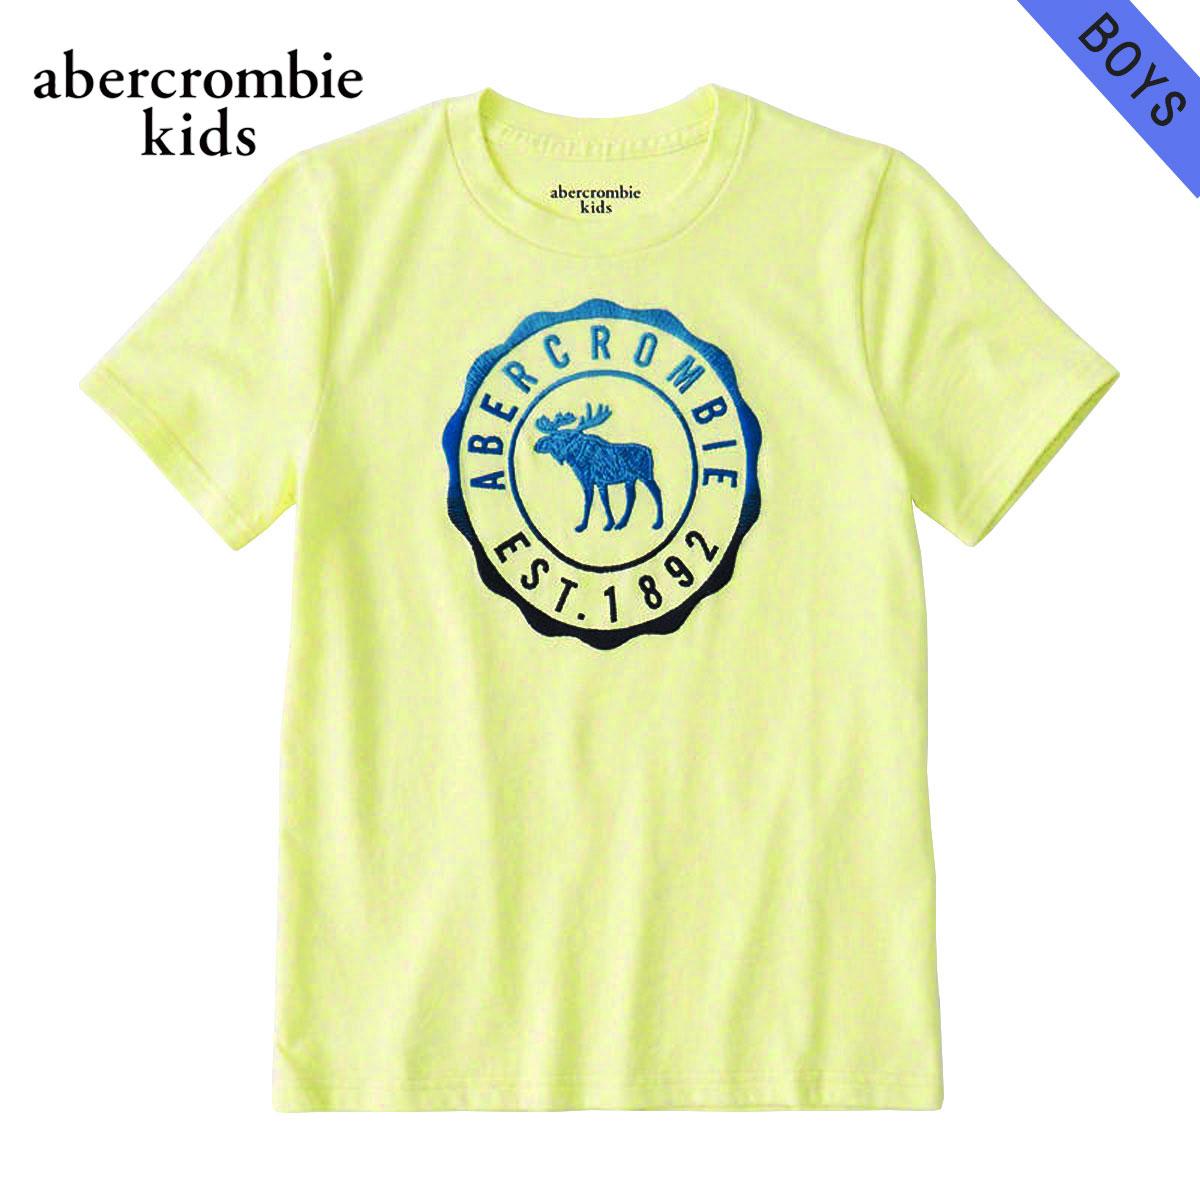 アバクロキッズ AbercrombieKids 正規品 子供服 ボーイズ 半袖Tシャツ logo graphic tee 223-616-0138-080